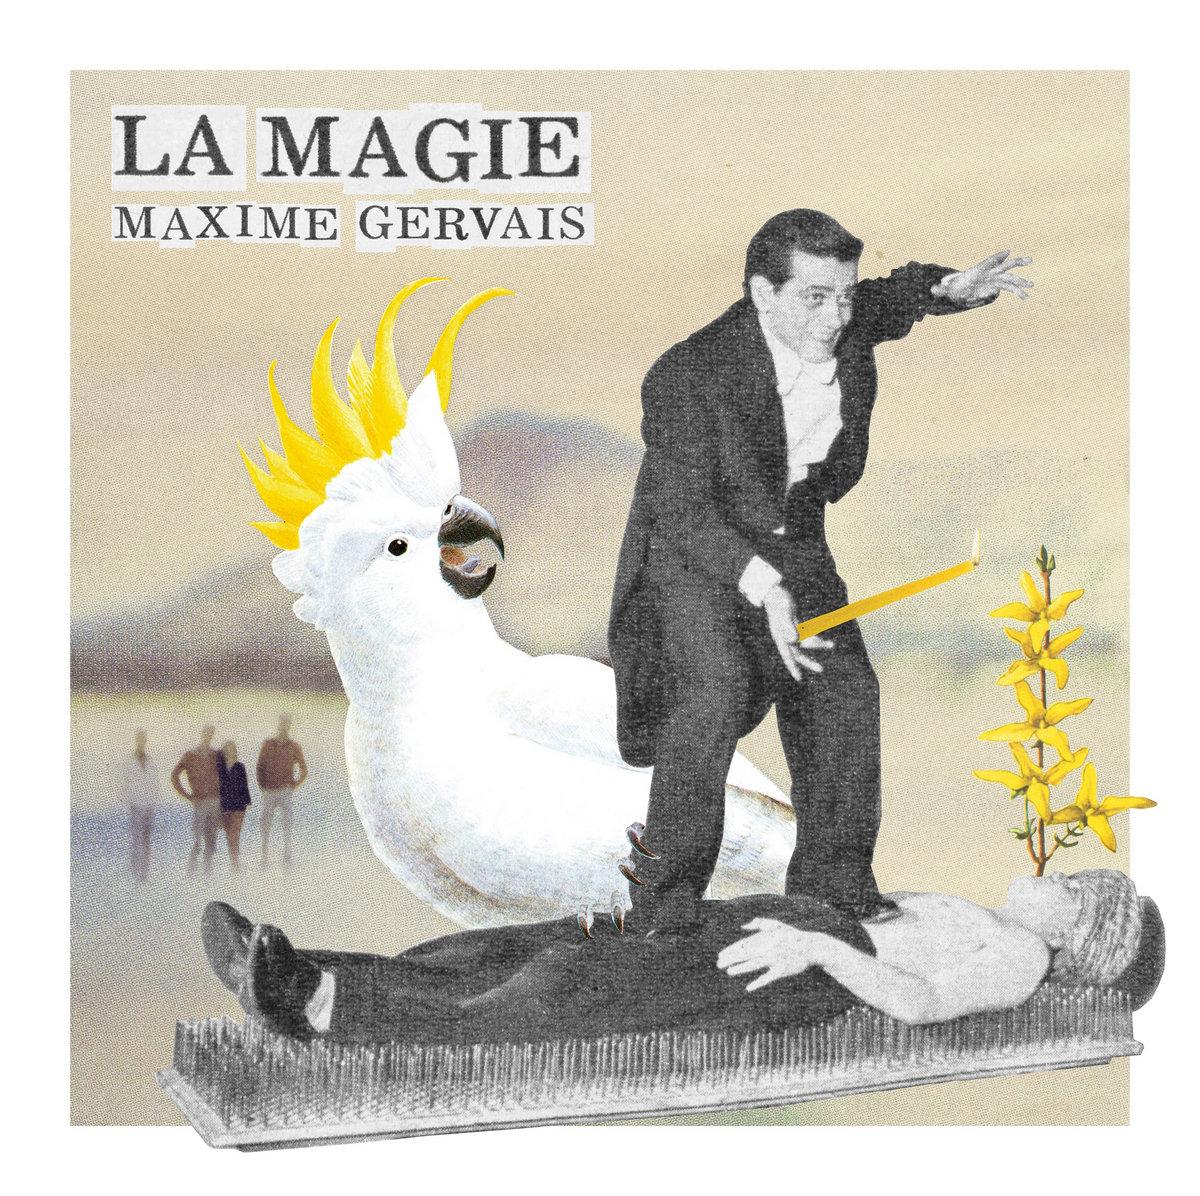 La Magie | Maxime Gervais